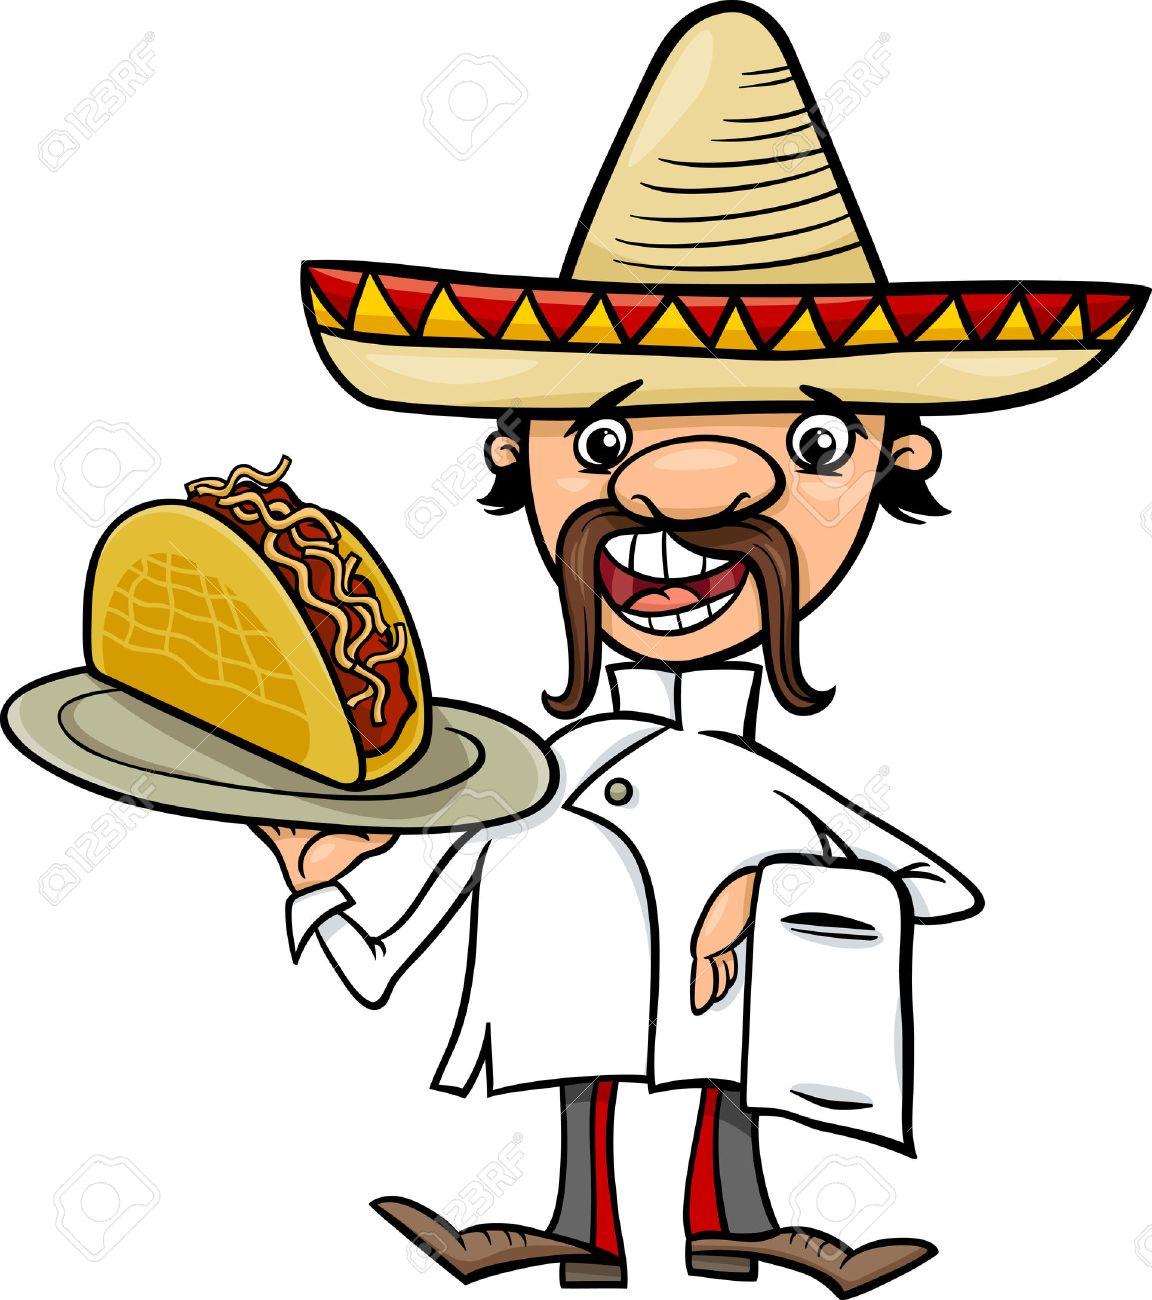 Foto de archivo - Ilustración de dibujos animados divertido del cocinero  mexicano o Camarero con Taco 6a9aae46280